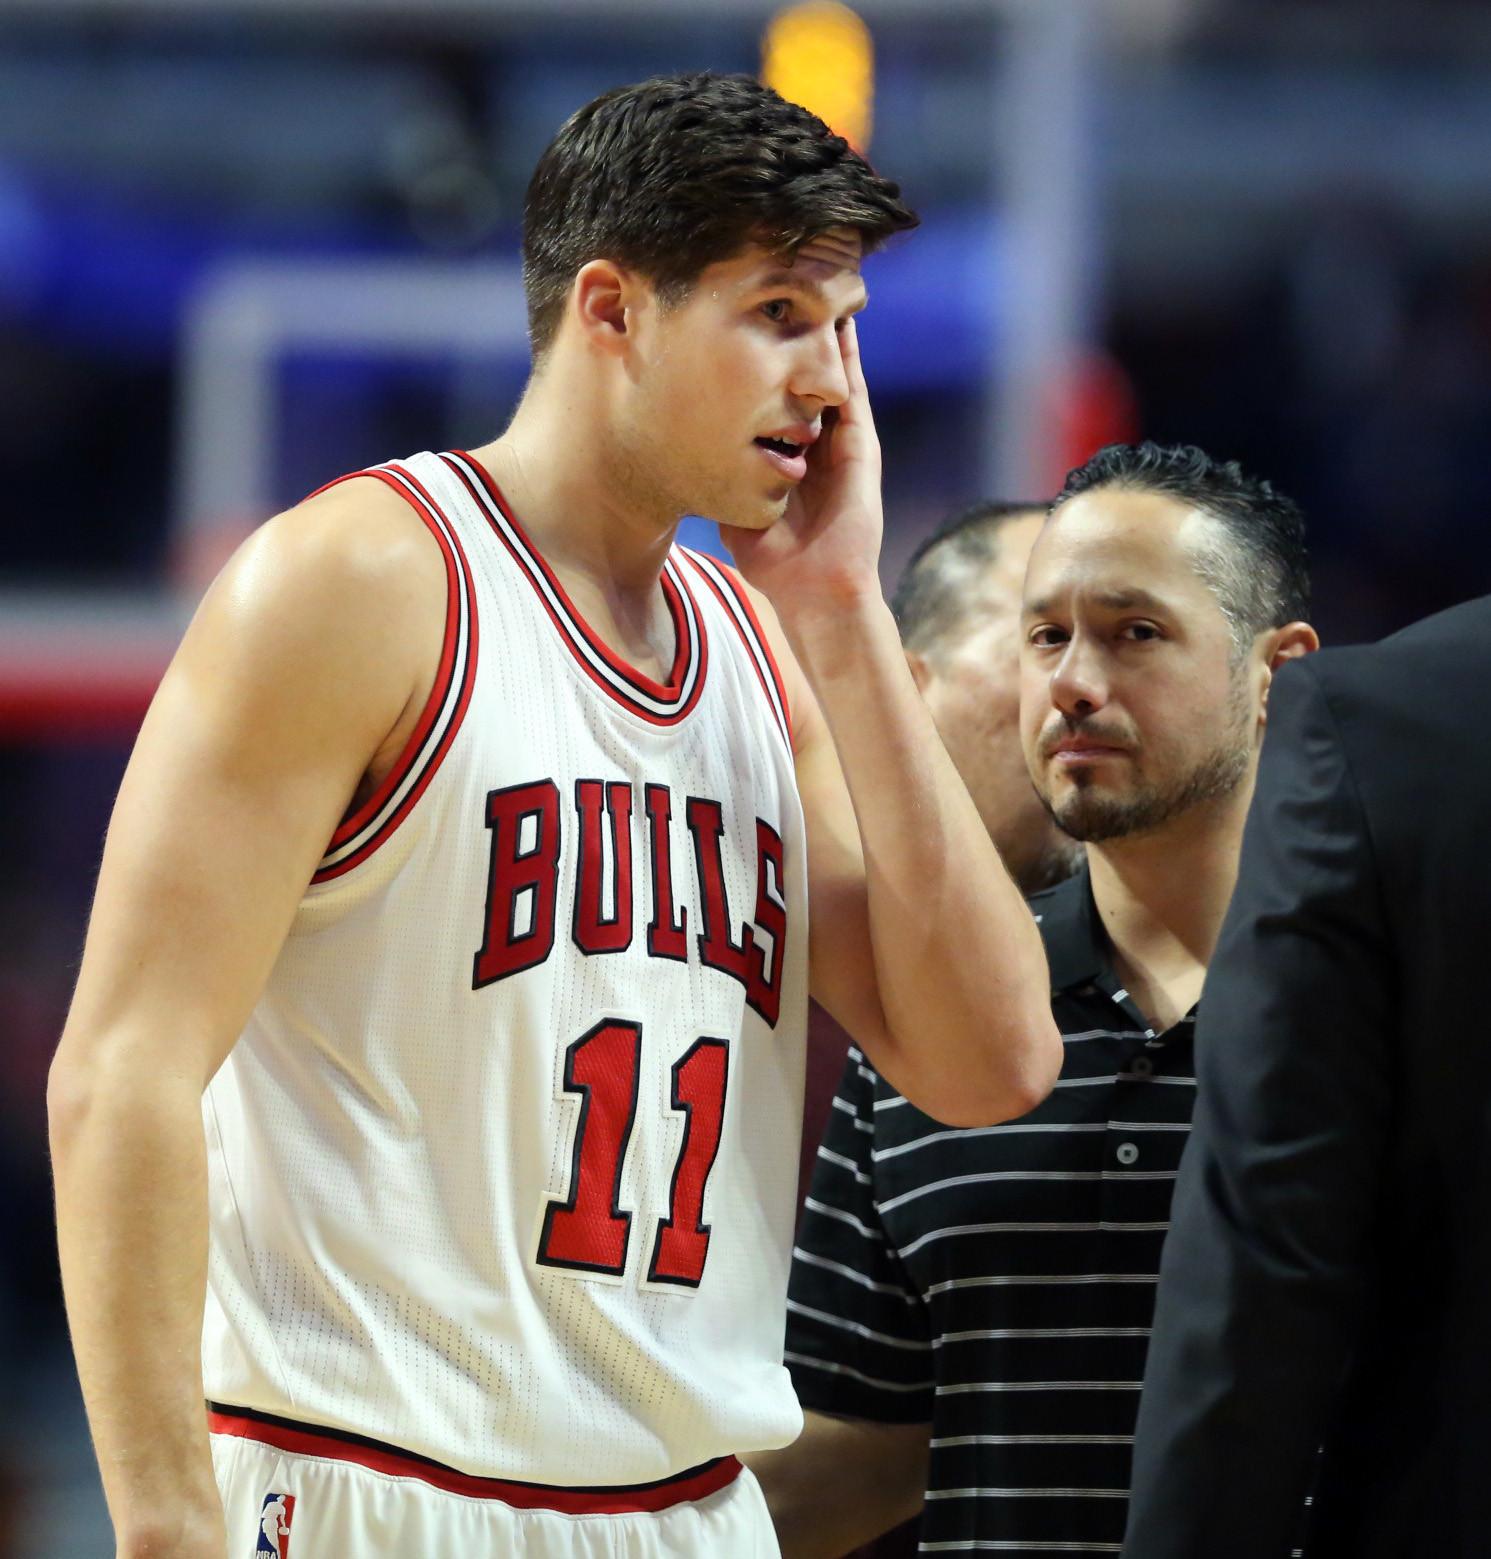 Doug Mcdermott: Doug McDermott Returns To Bulls After Missing 11 Games